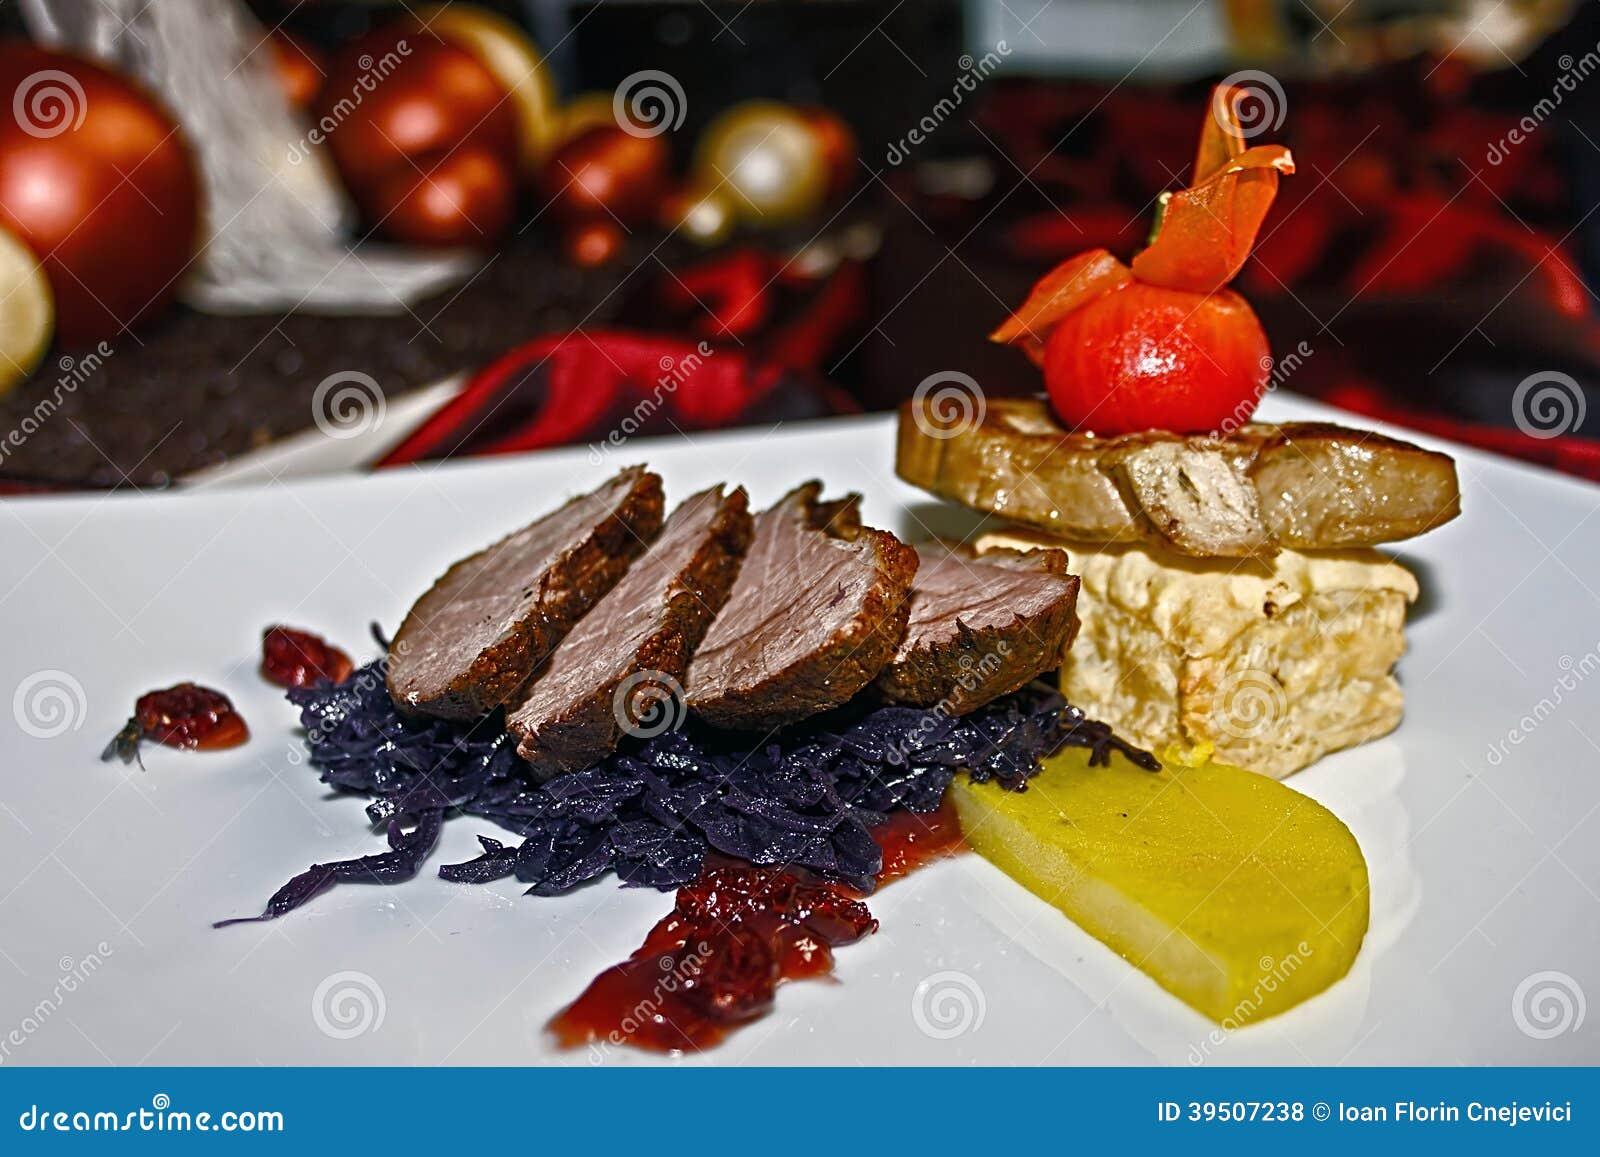 Arrangement of food 36